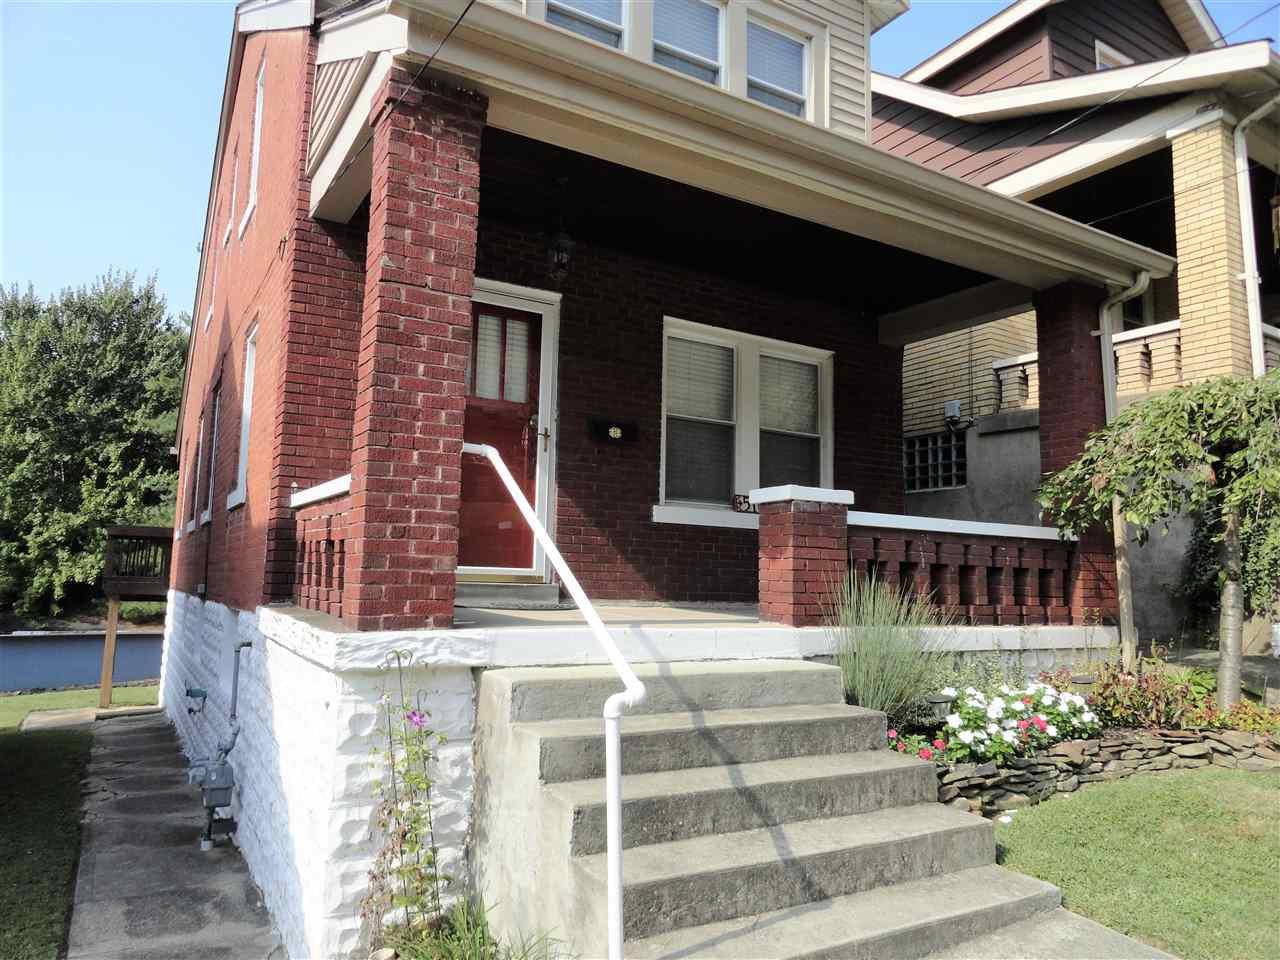 Photo 3 for 516 Van Voast Ave Bellevue, KY 41073